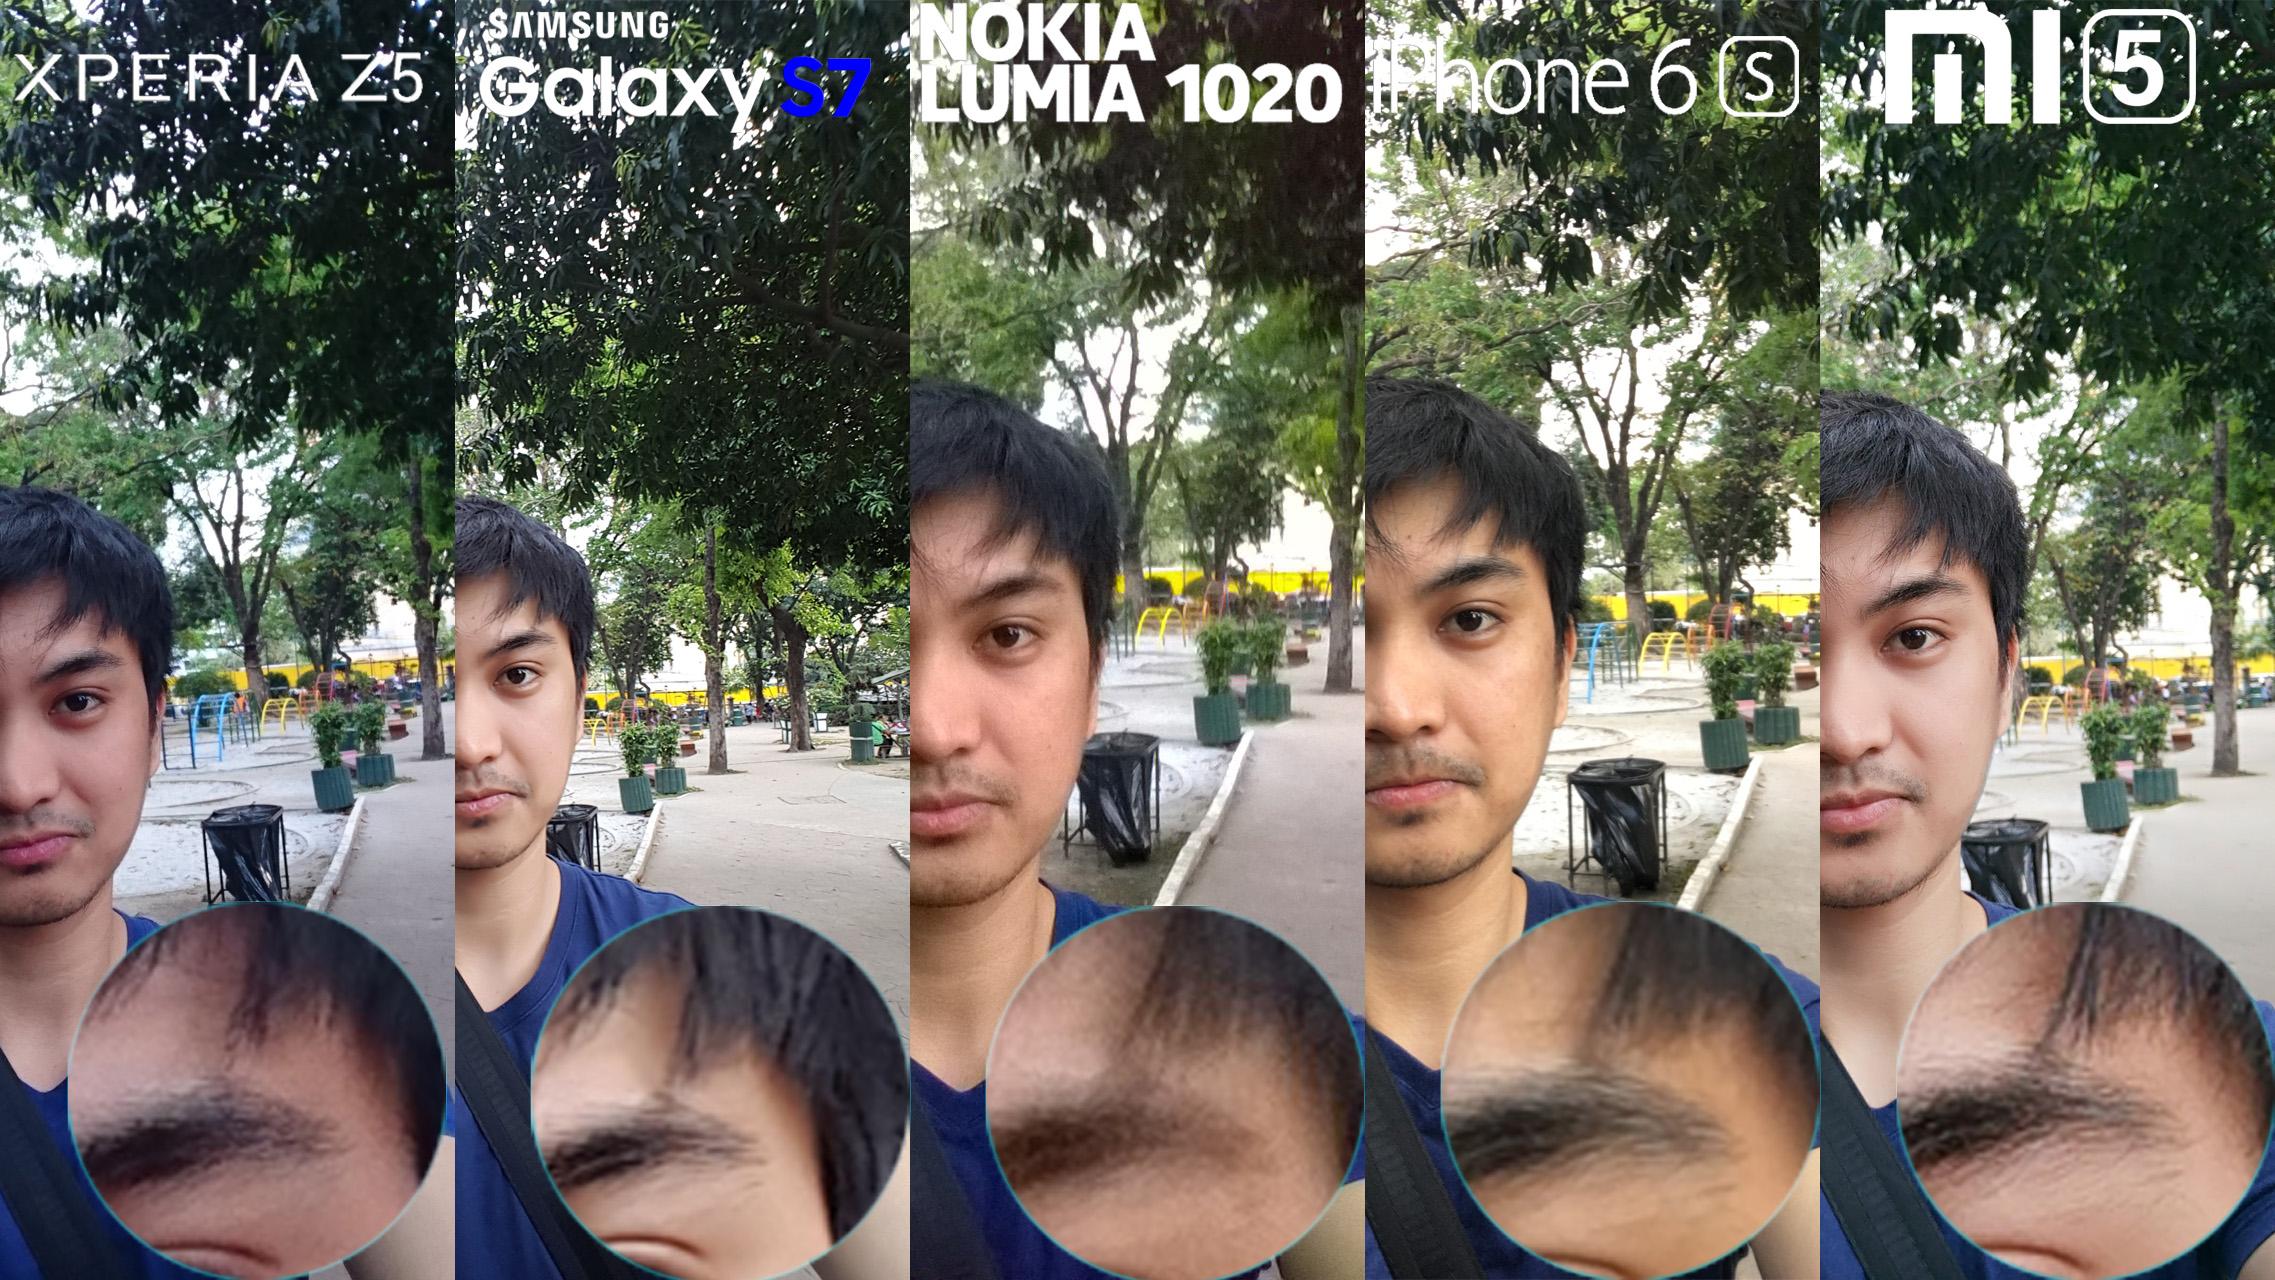 Galaxy S7 Xperia Z5 Lumia 1020 iphone 6s Xiaomi Mi 5 Camera Review Comaprison 4